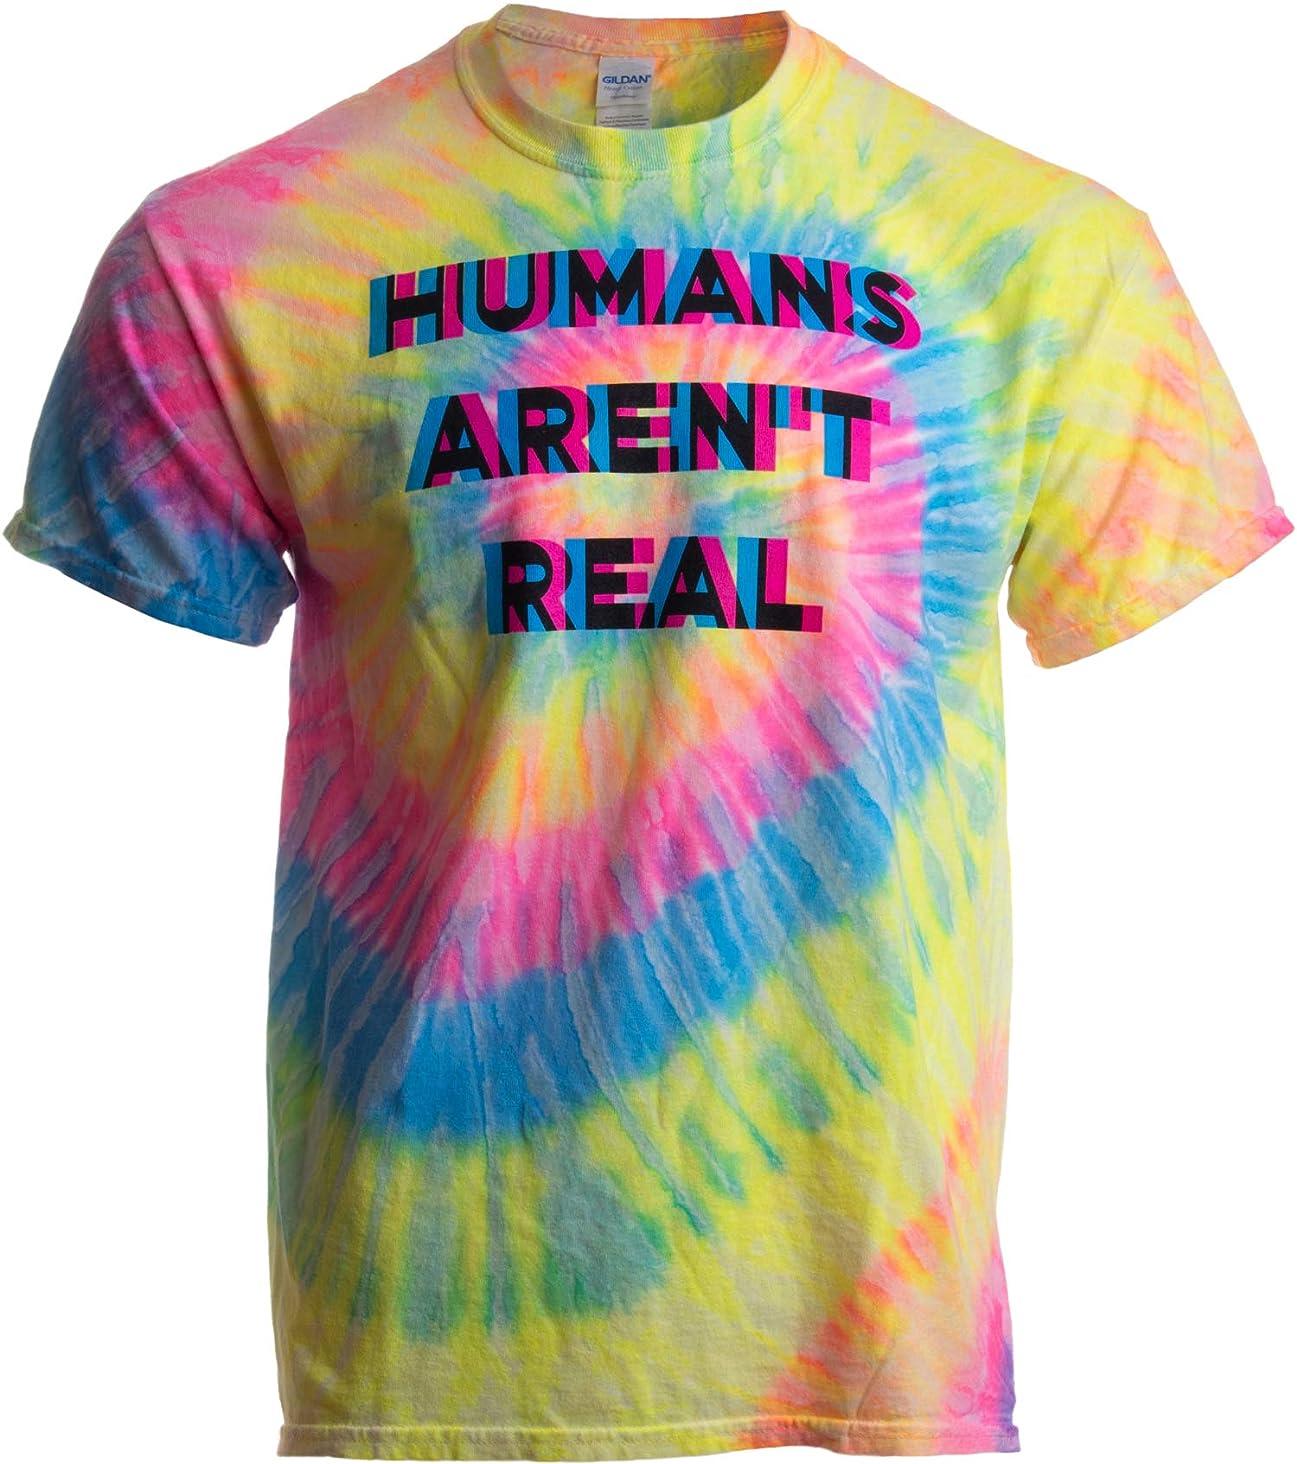 Humans aren't Real | Funny Festival Hippy Rave Drug Tie Dye for Men or Women T-Shirt